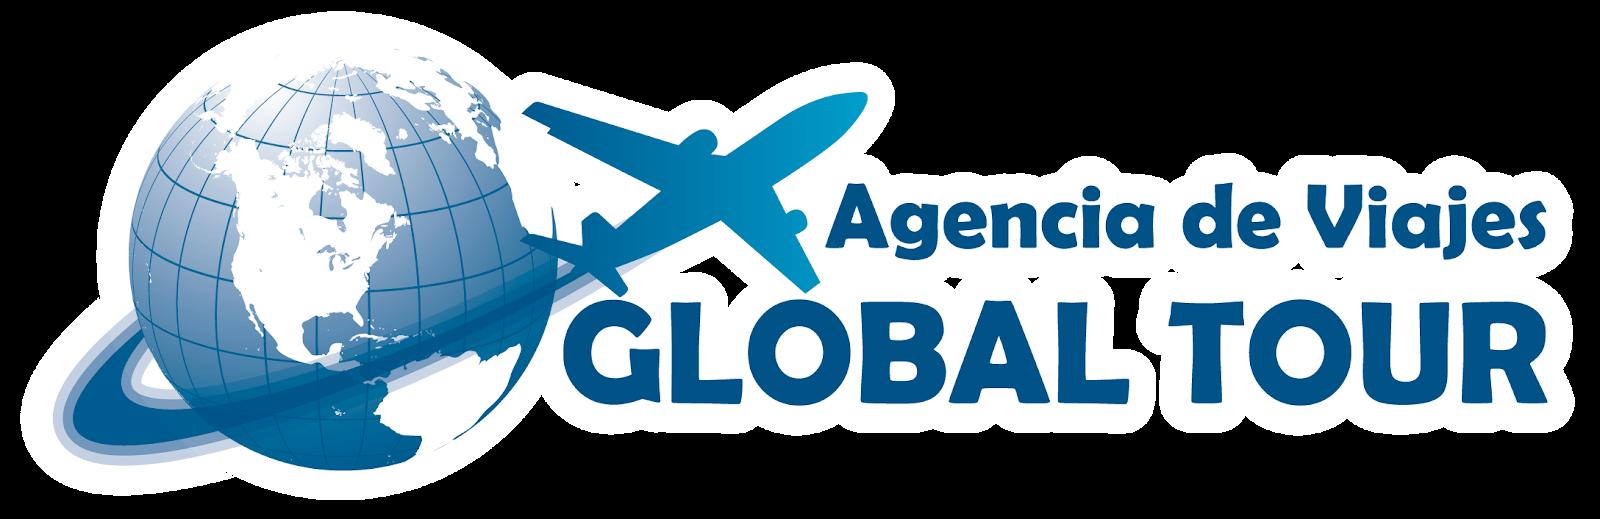 AGLOTOUR Agencia de Viajes Global Tour Cía Ltda.